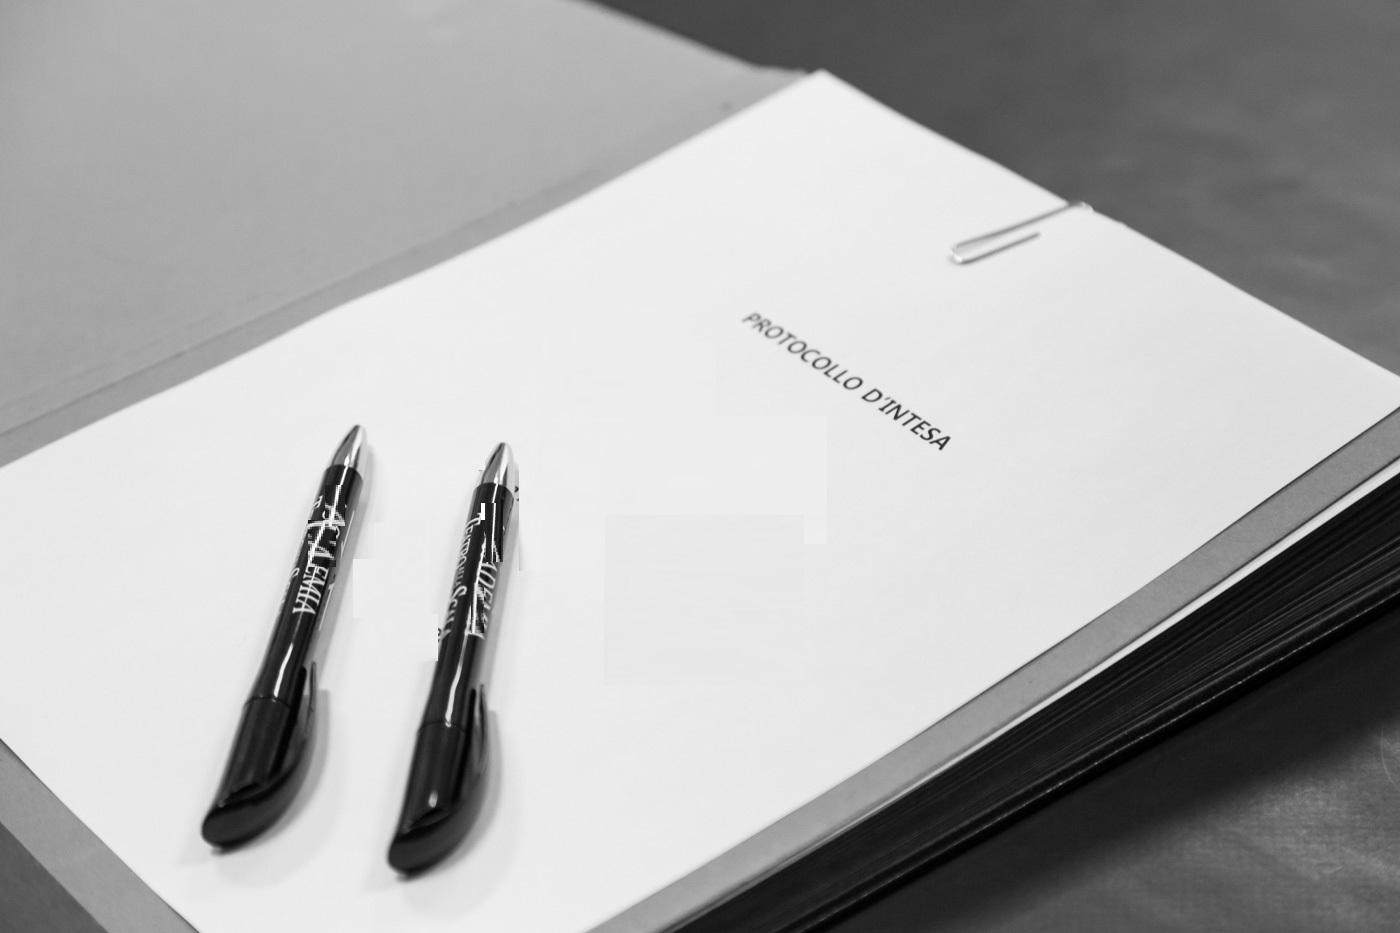 Firmato un protocollo per una concreta gestione futura degli appalti in regione